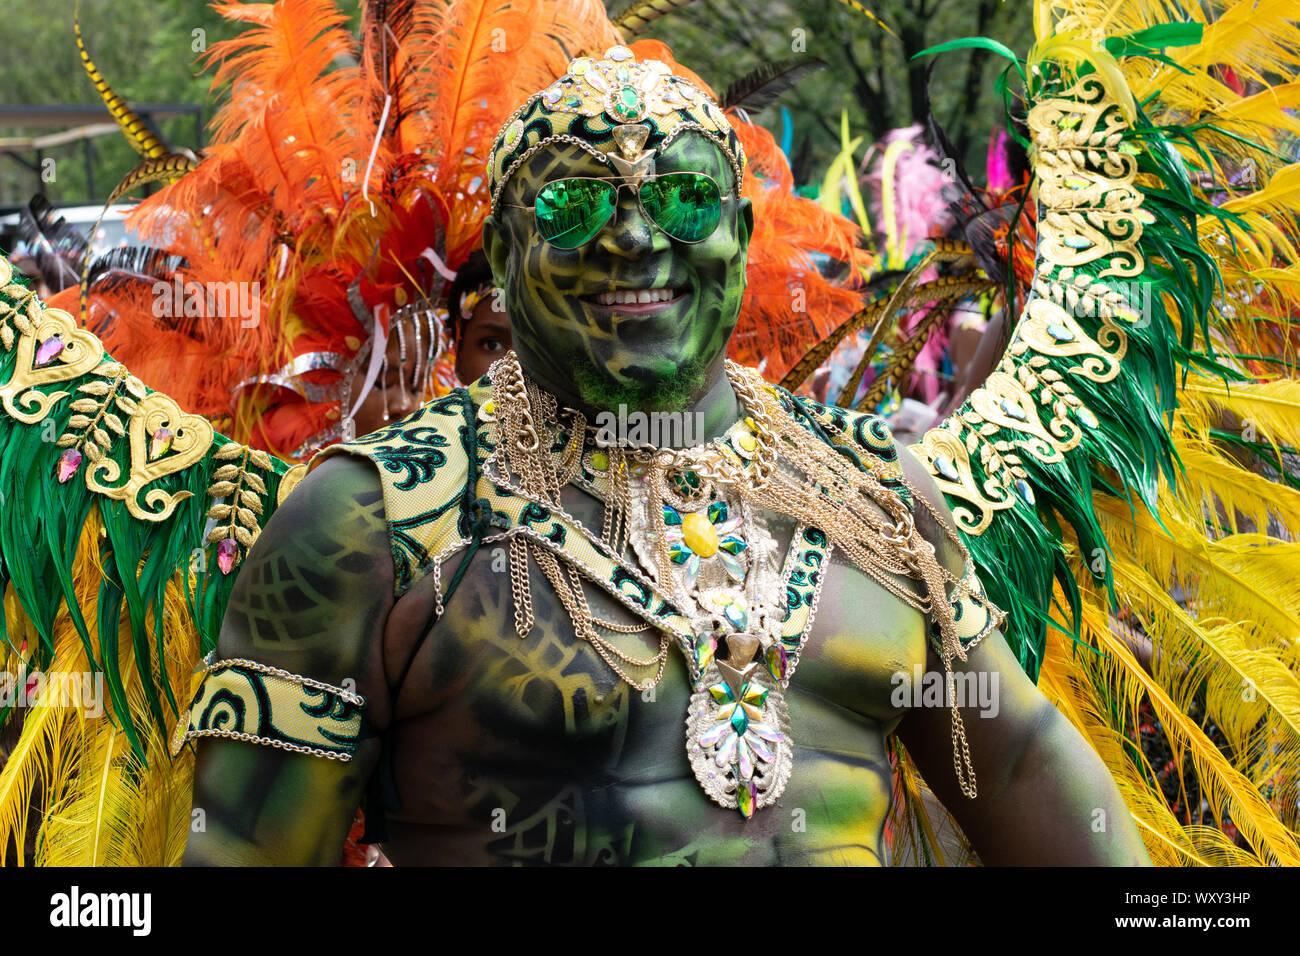 Stolz auf seine Körperbemalung blickt der Teilnehmer ein West Indian Day Parade à New York City dans Die Kamera. Auf dem Rücken trägt er Federschmuck. Banque D'Images